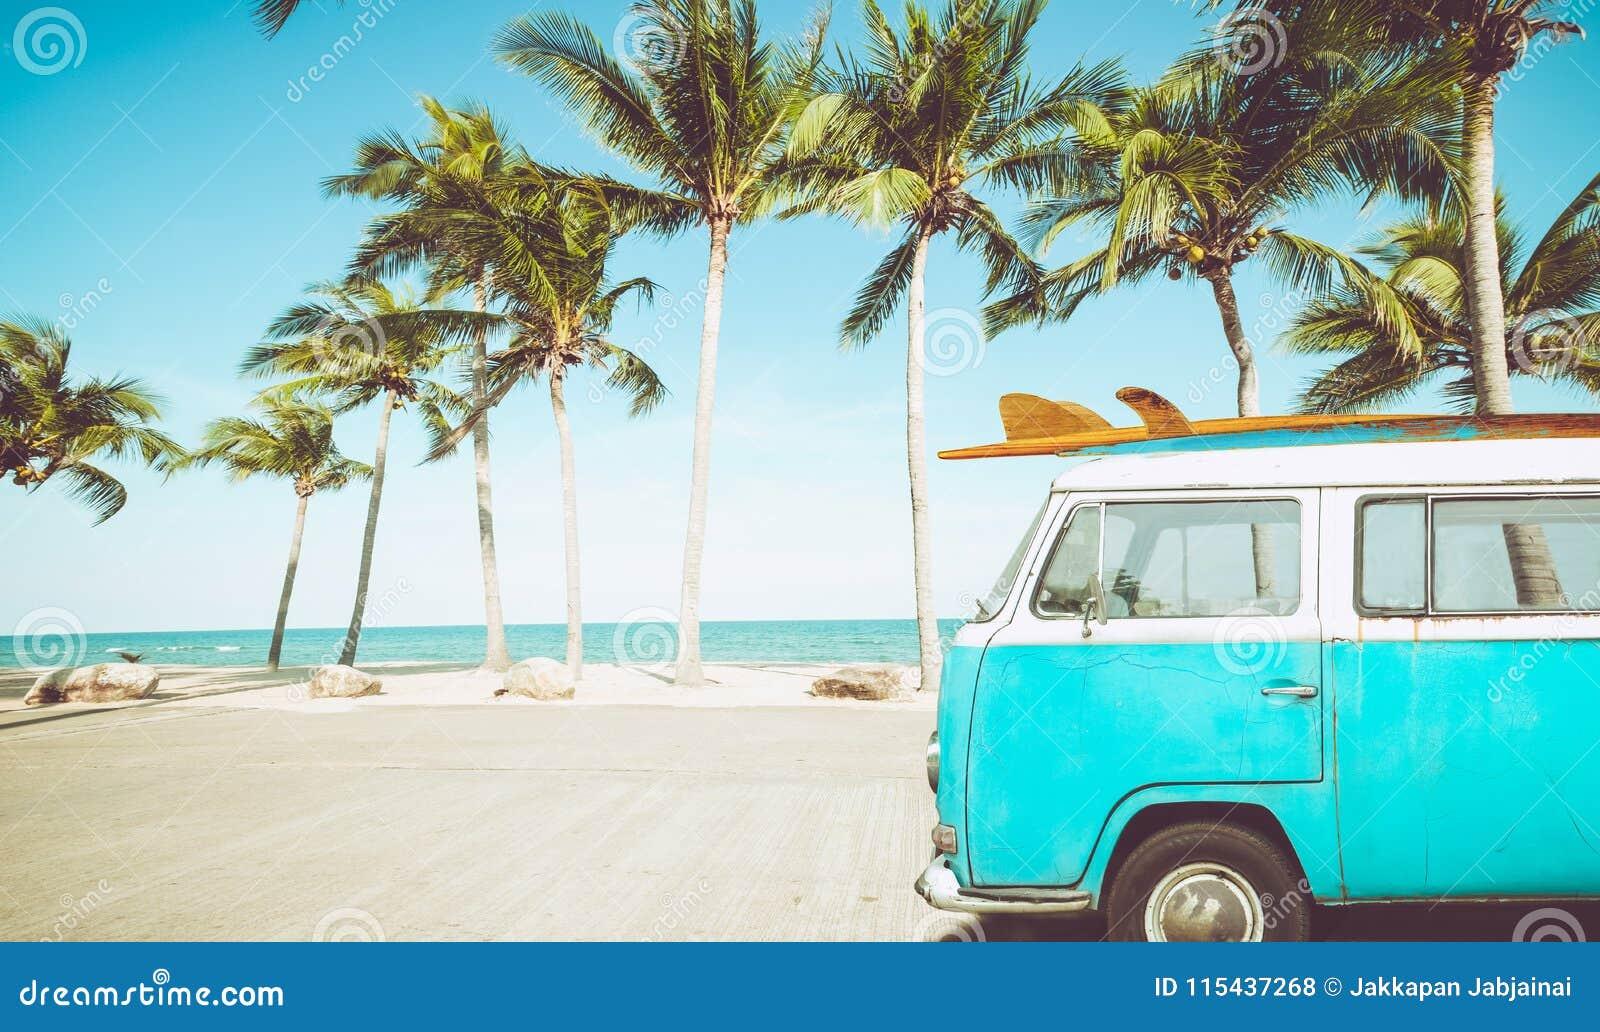 Винтажный автомобиль припаркованный на тропическом пляже